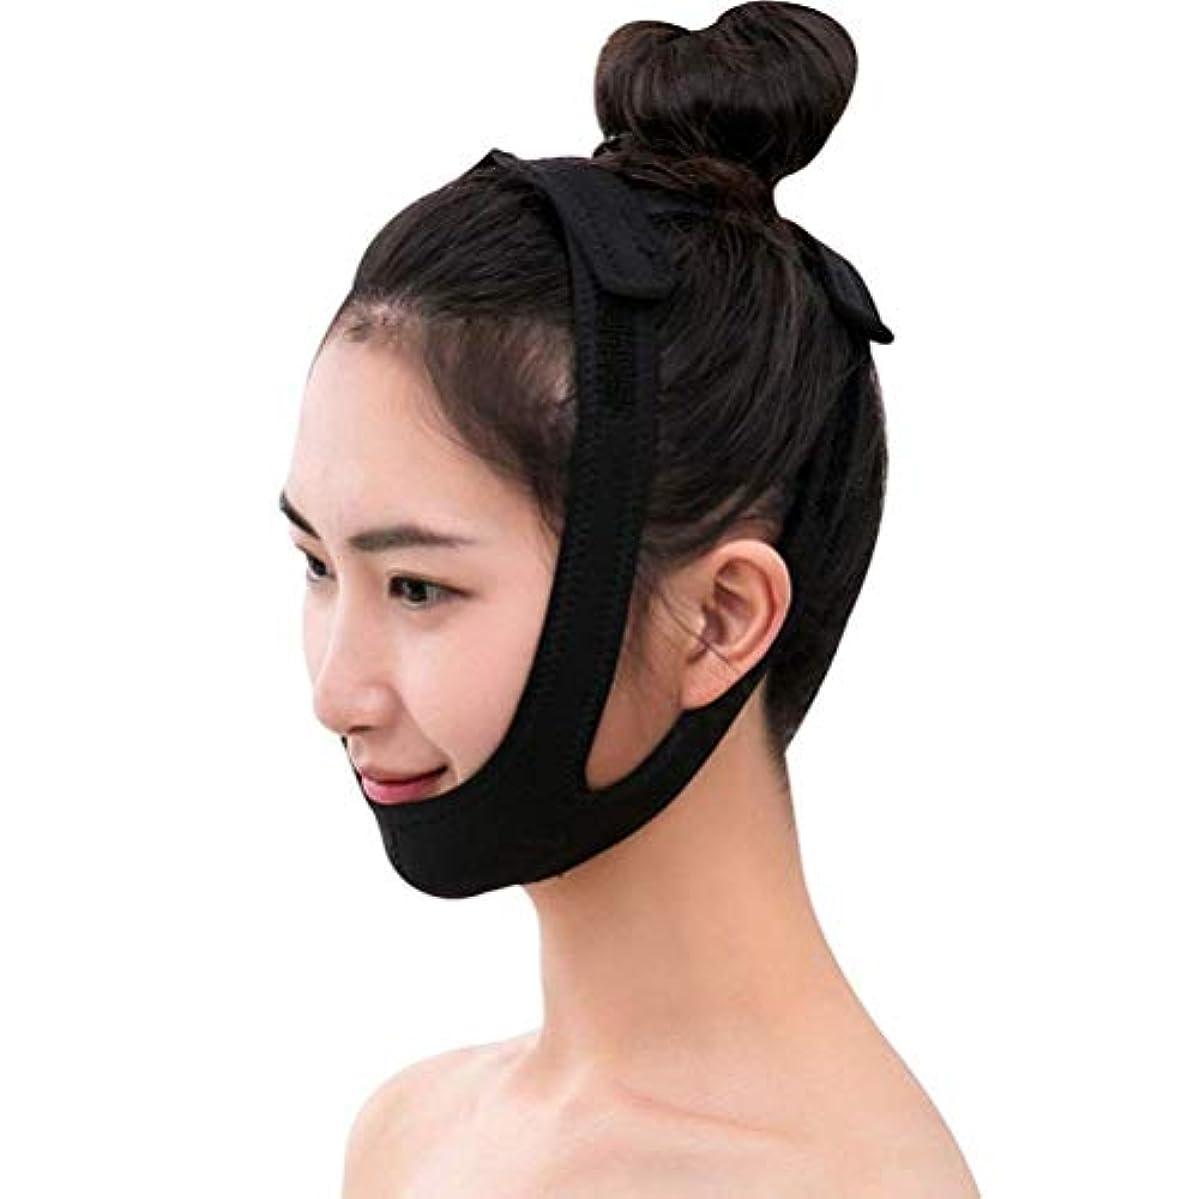 エントリファックス魅惑するフェイスリフティングマスク、フェイスリフティング包帯V字型マスク/整形およびリフト/二重あごベルト/美容マスクフェイスリフト/縮小二重あご包帯/顔面矯正ベルト